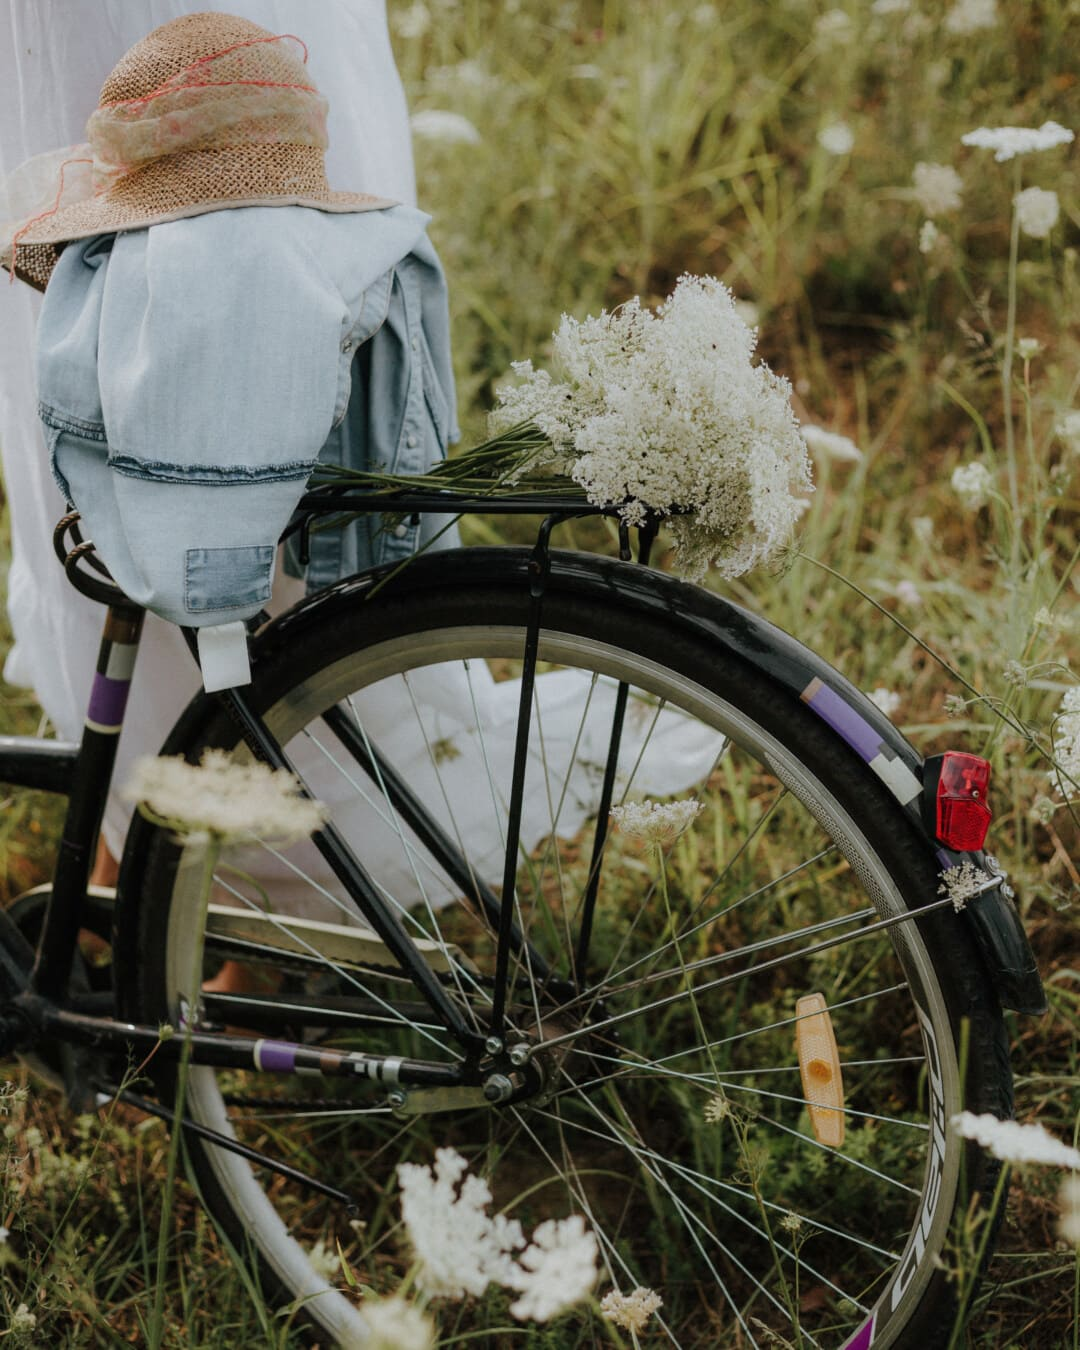 l'été, chapeau, veste, robe de mariée, vélo, roue, à l'extérieur, vélo, nature, cycliste